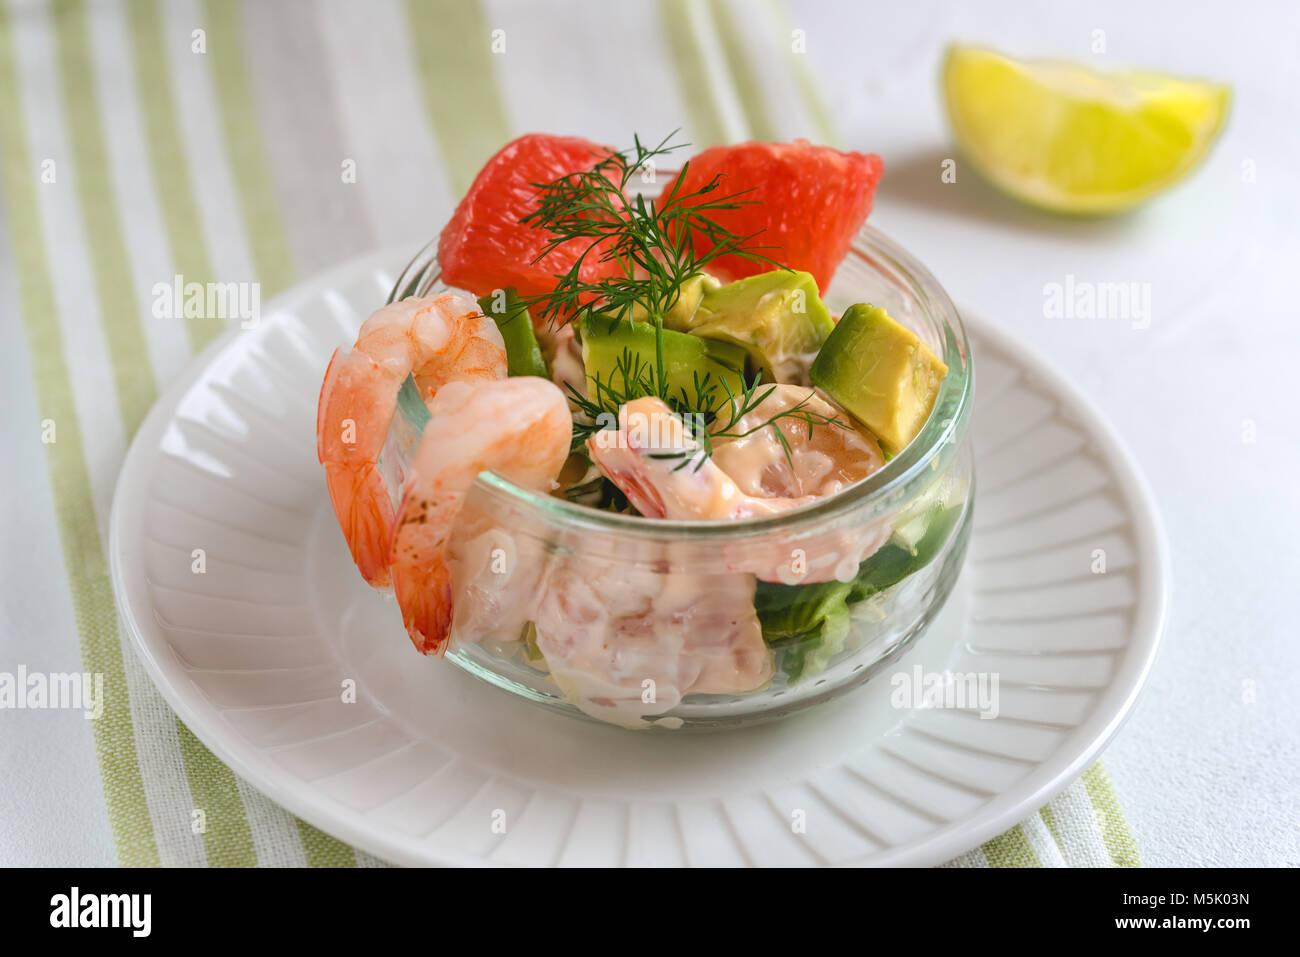 Cocktail Salat mit Garnelen, grüner Salat, Avocado, Grapefruit und ...